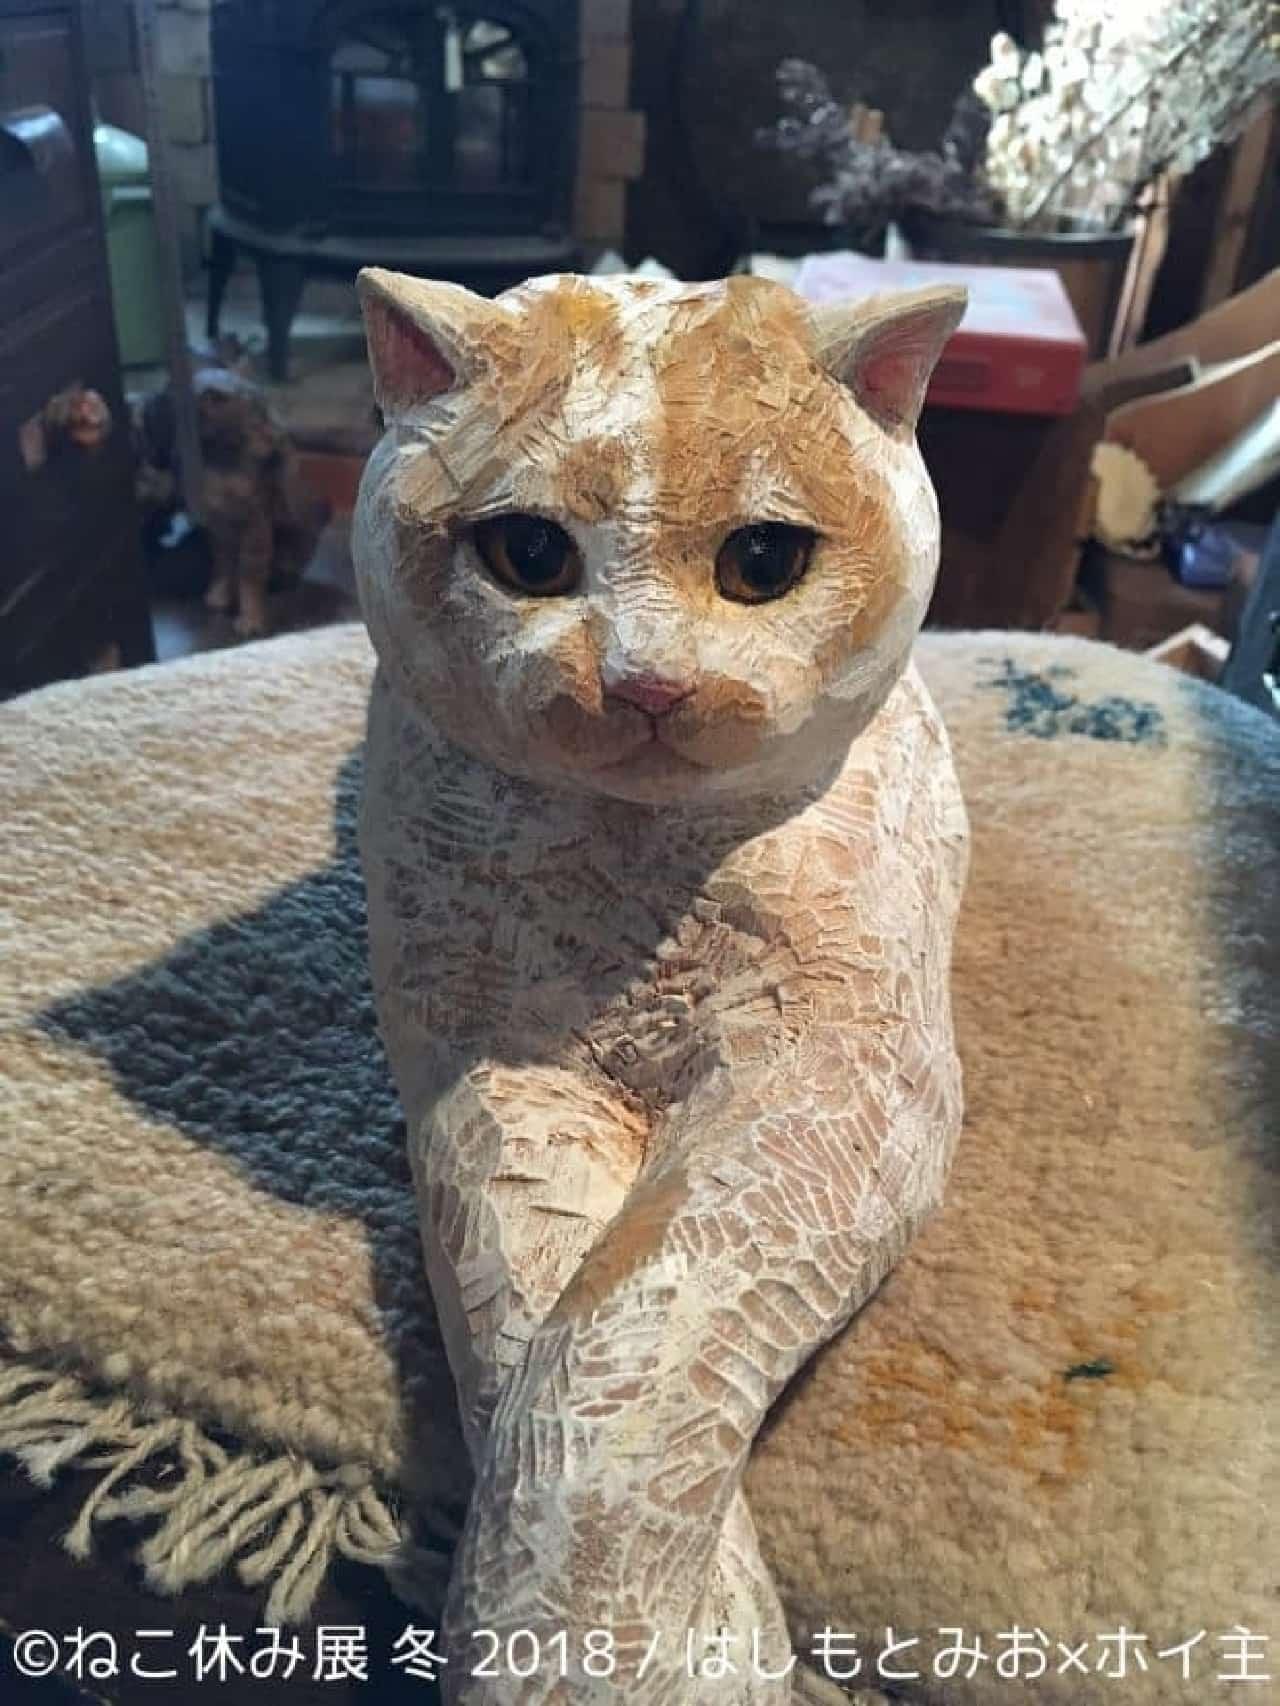 過去最大規模のネコ祭り…「ねこ休み展 冬 2018」